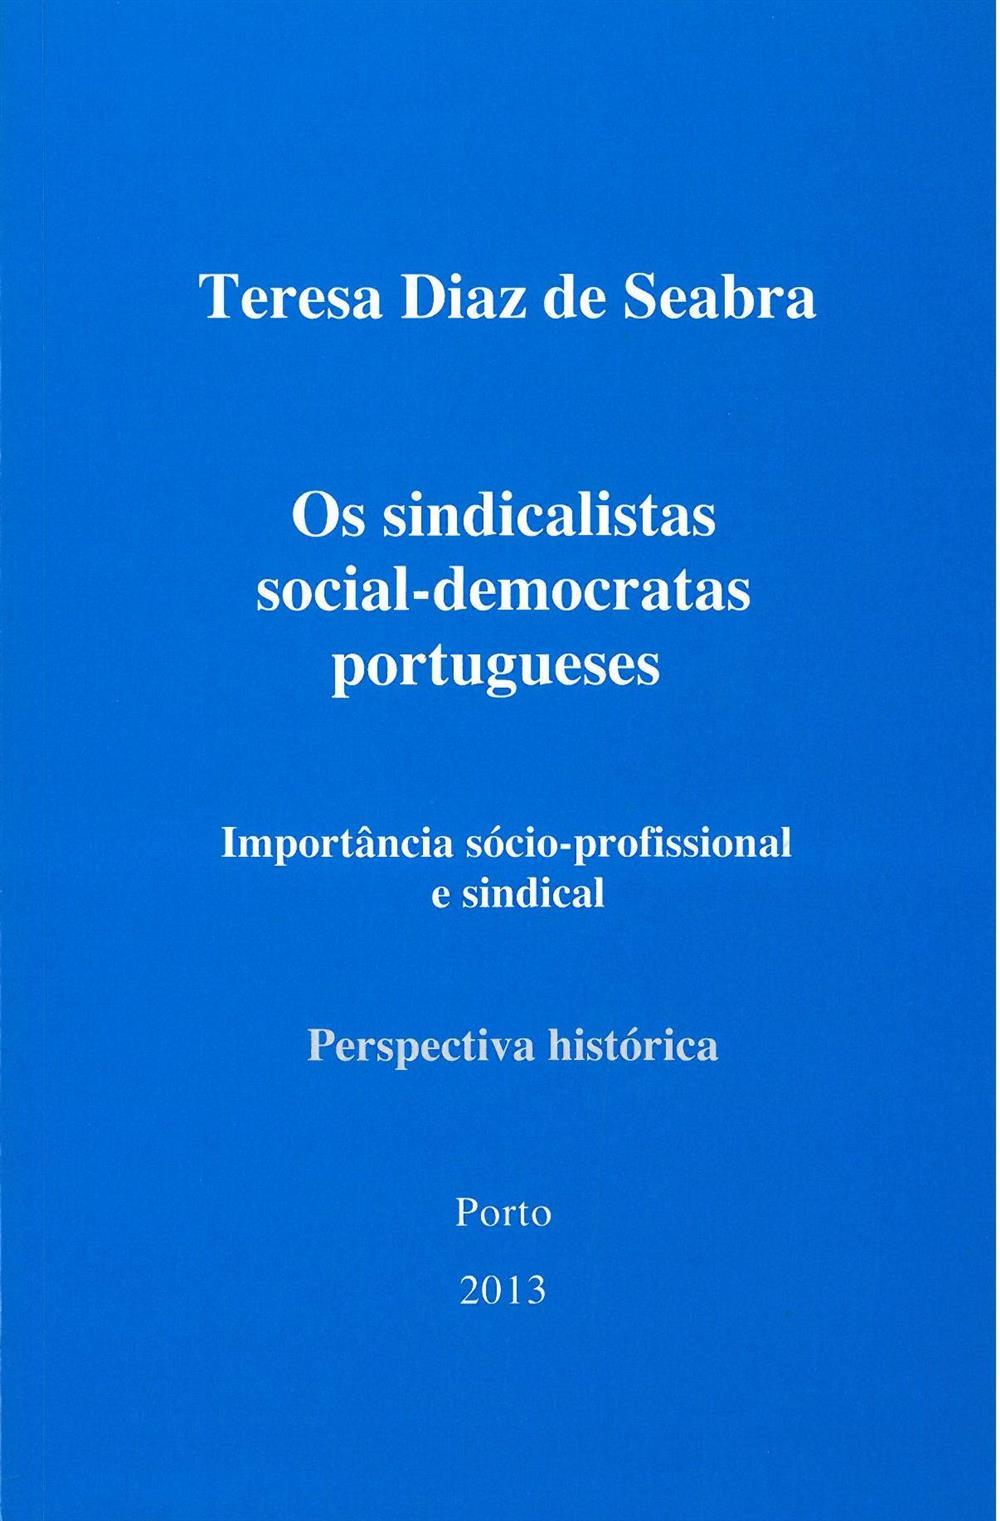 Os sindicalistas social-democratas portugueses_.jpg